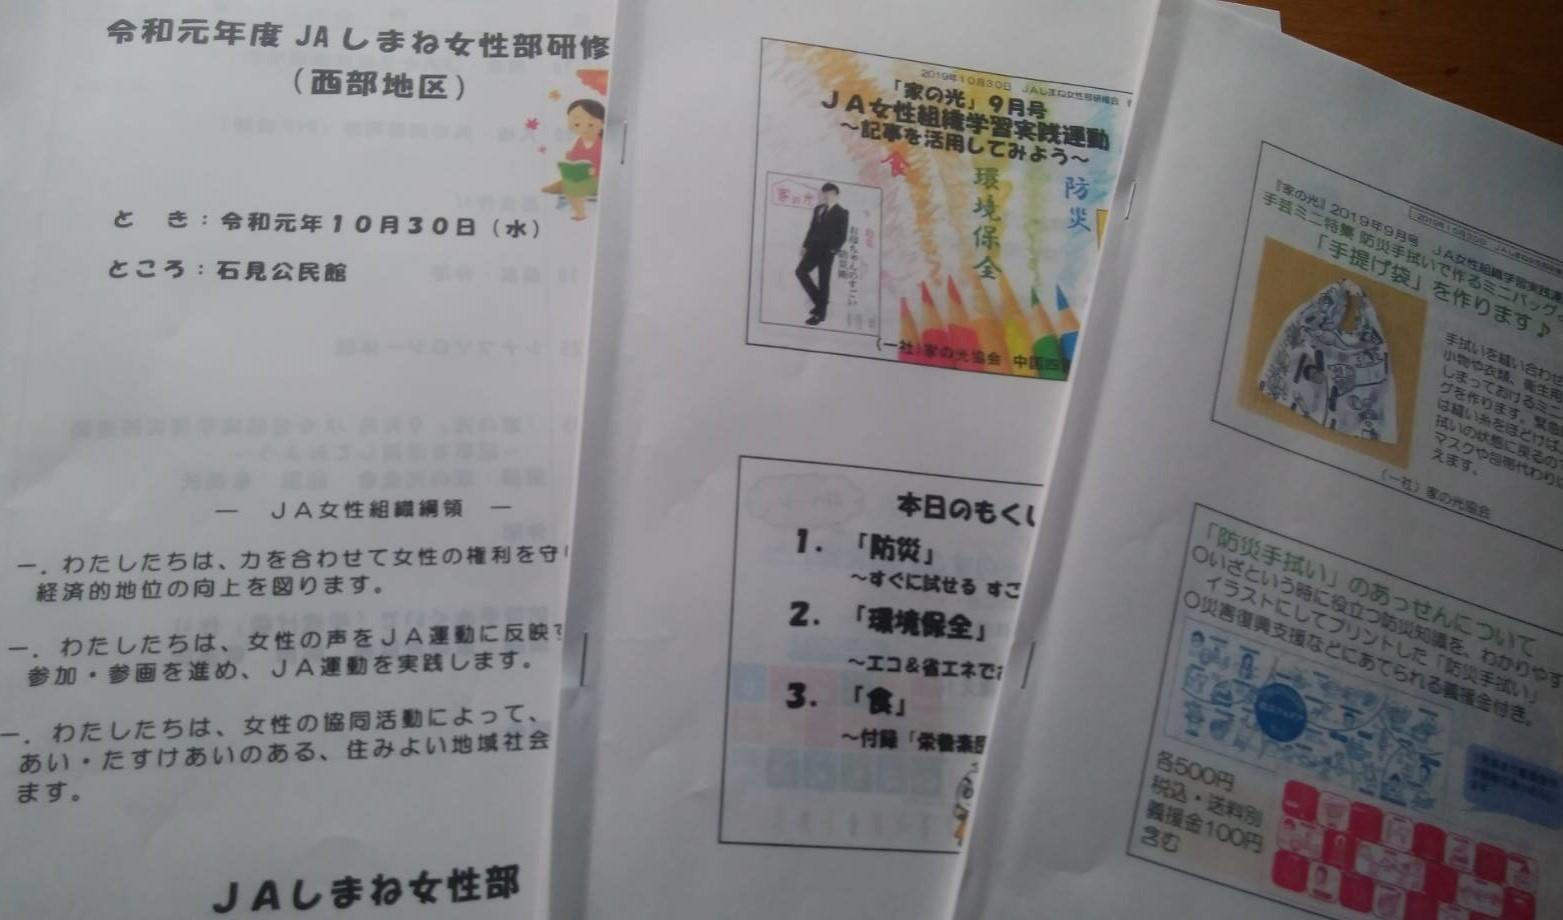 JA女性部西部地区研修会_b0270977_20040324.jpg